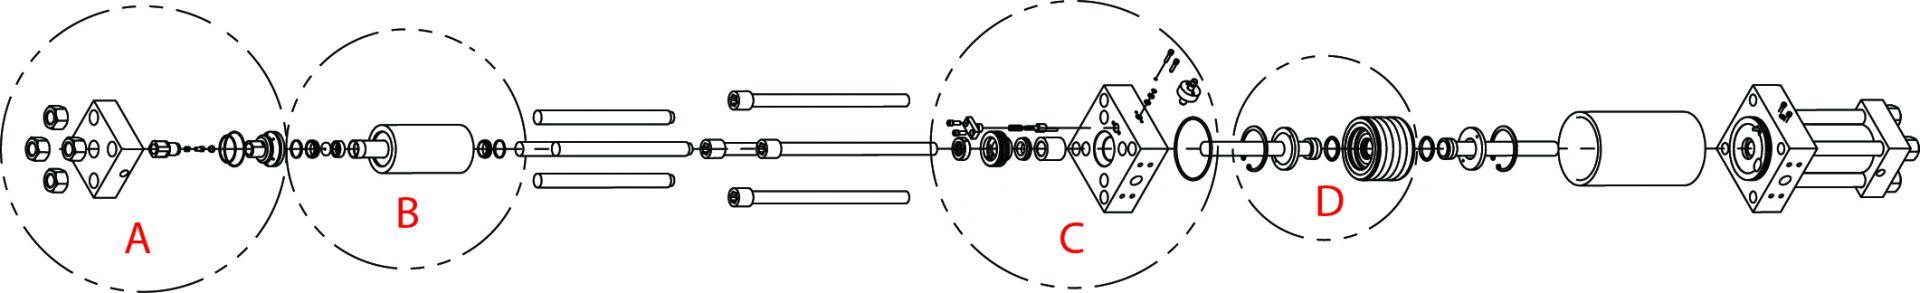 composant pompe accustream - Pièces détachées pompes ACCUSTREAM